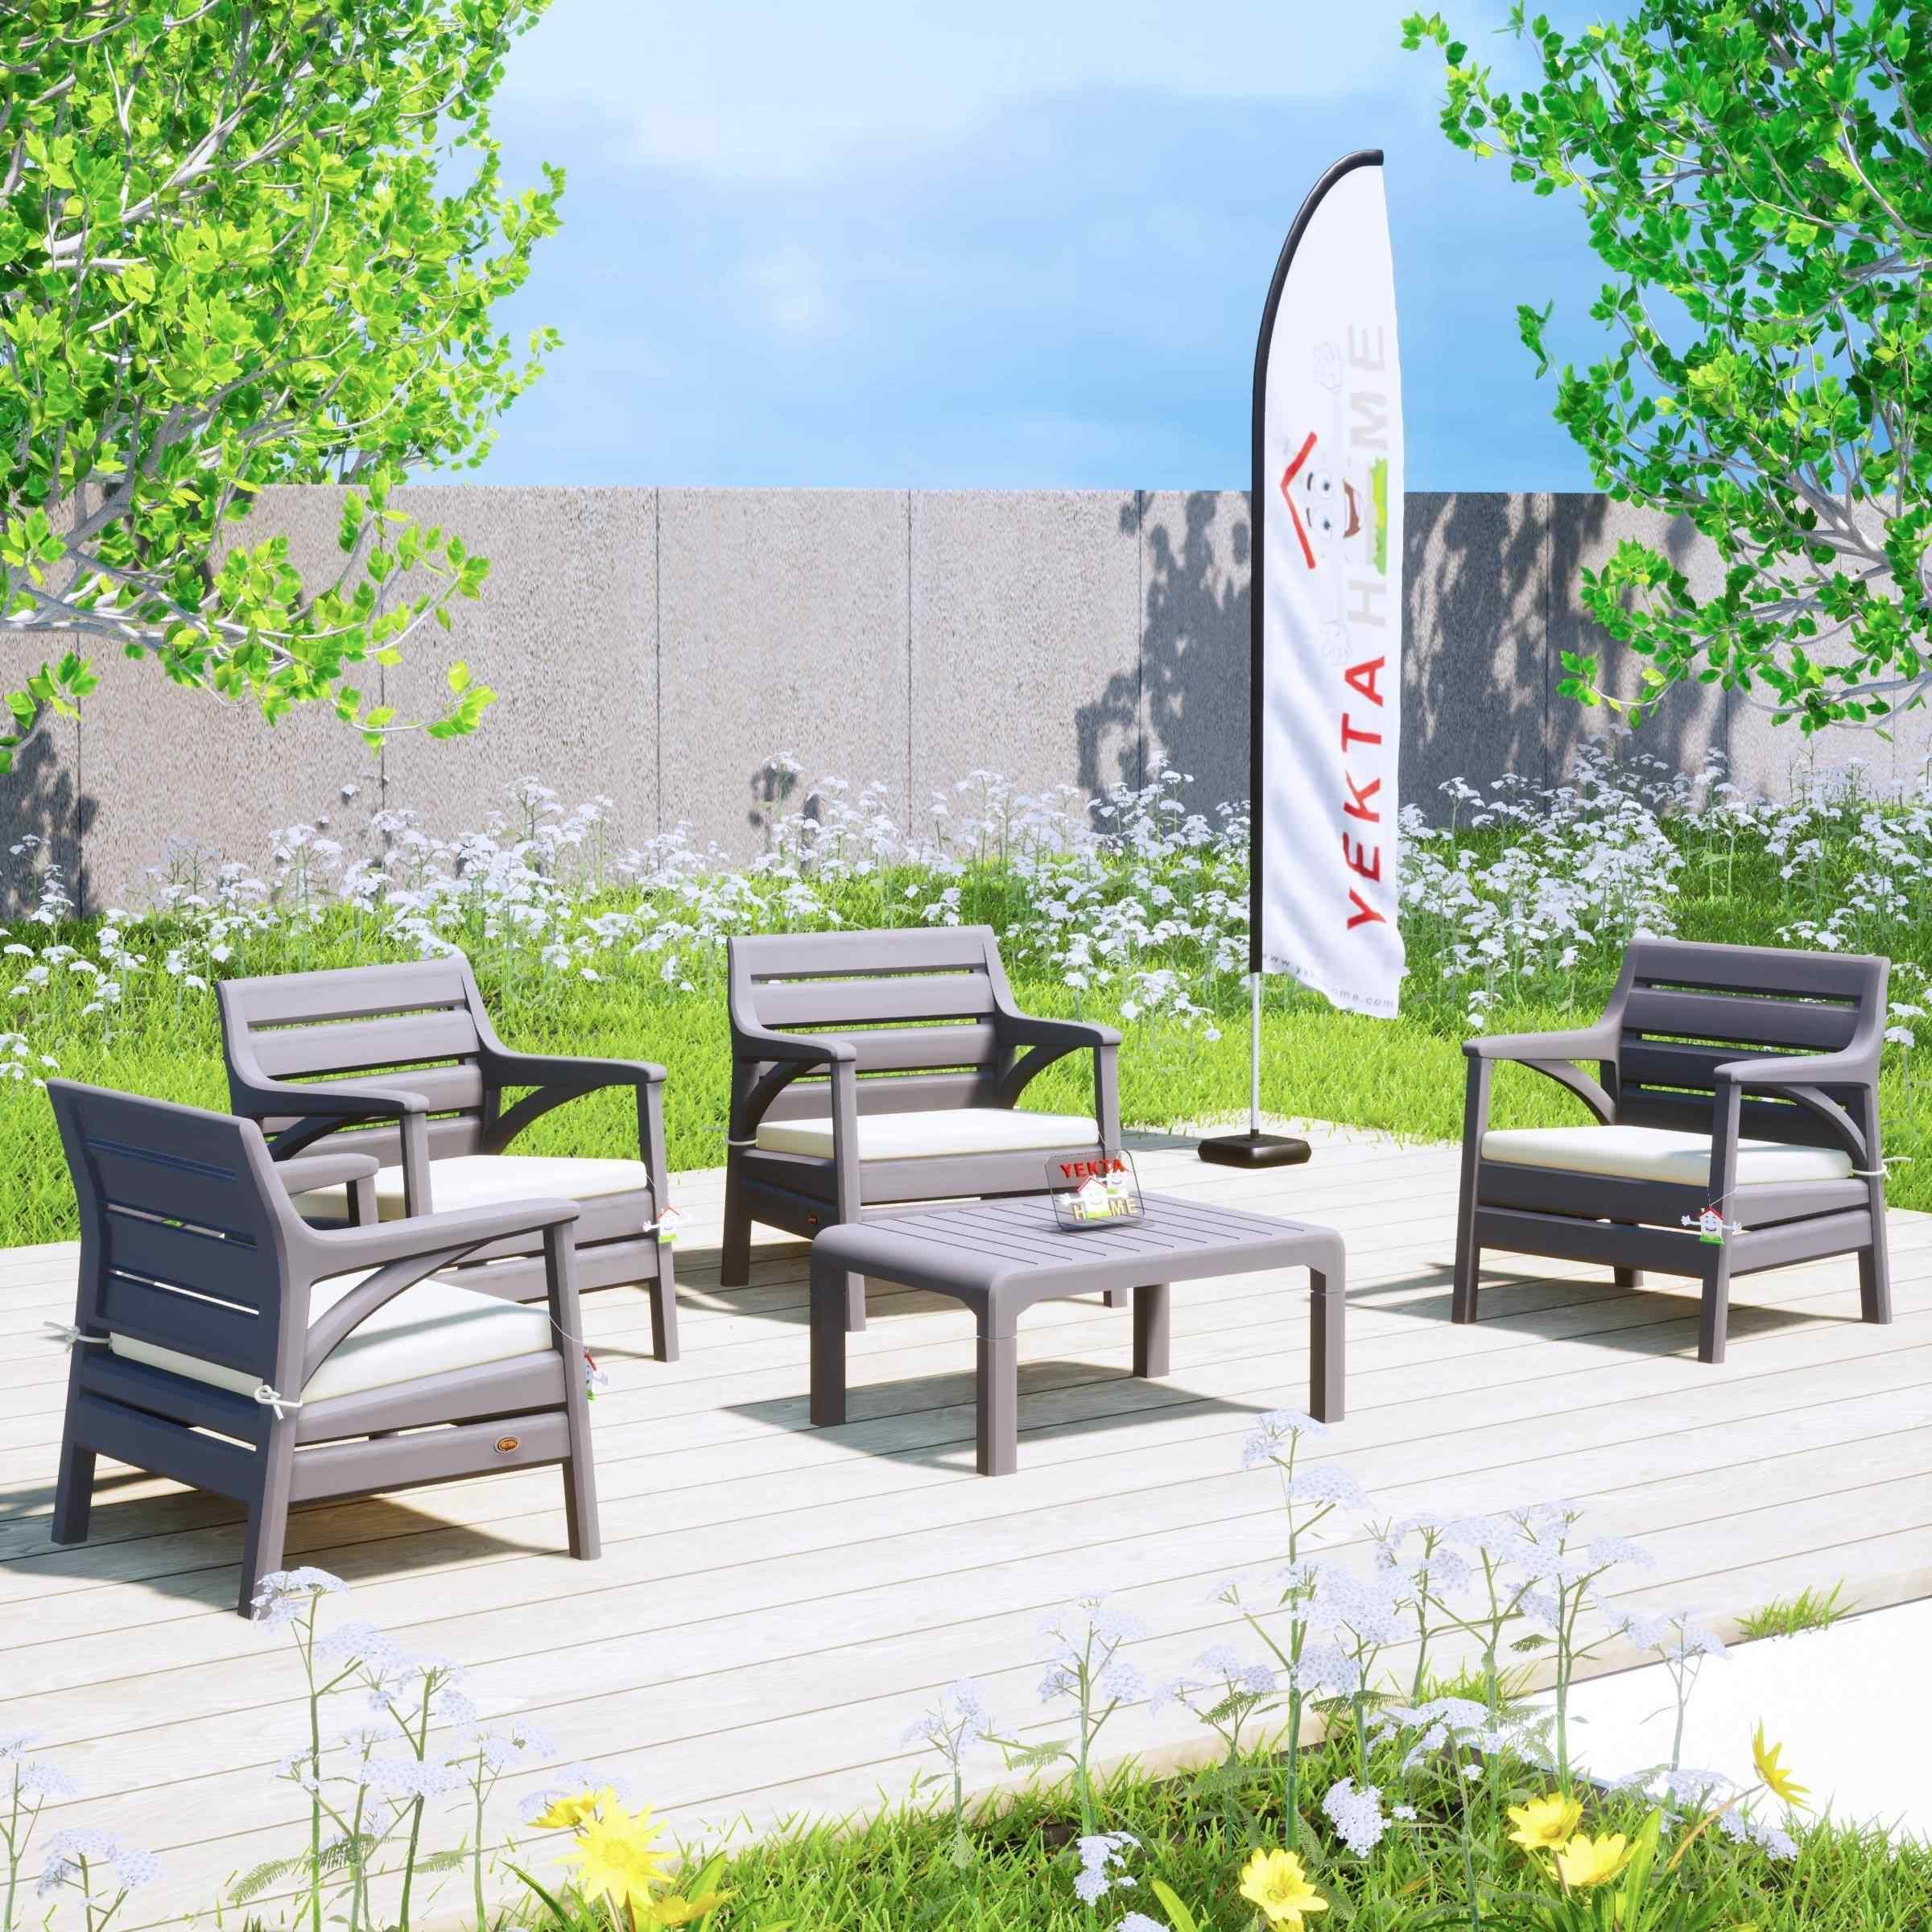 Holiday Madrid Bahçe Mobilyası Balkon Koltuk Takımı Çöl Gri